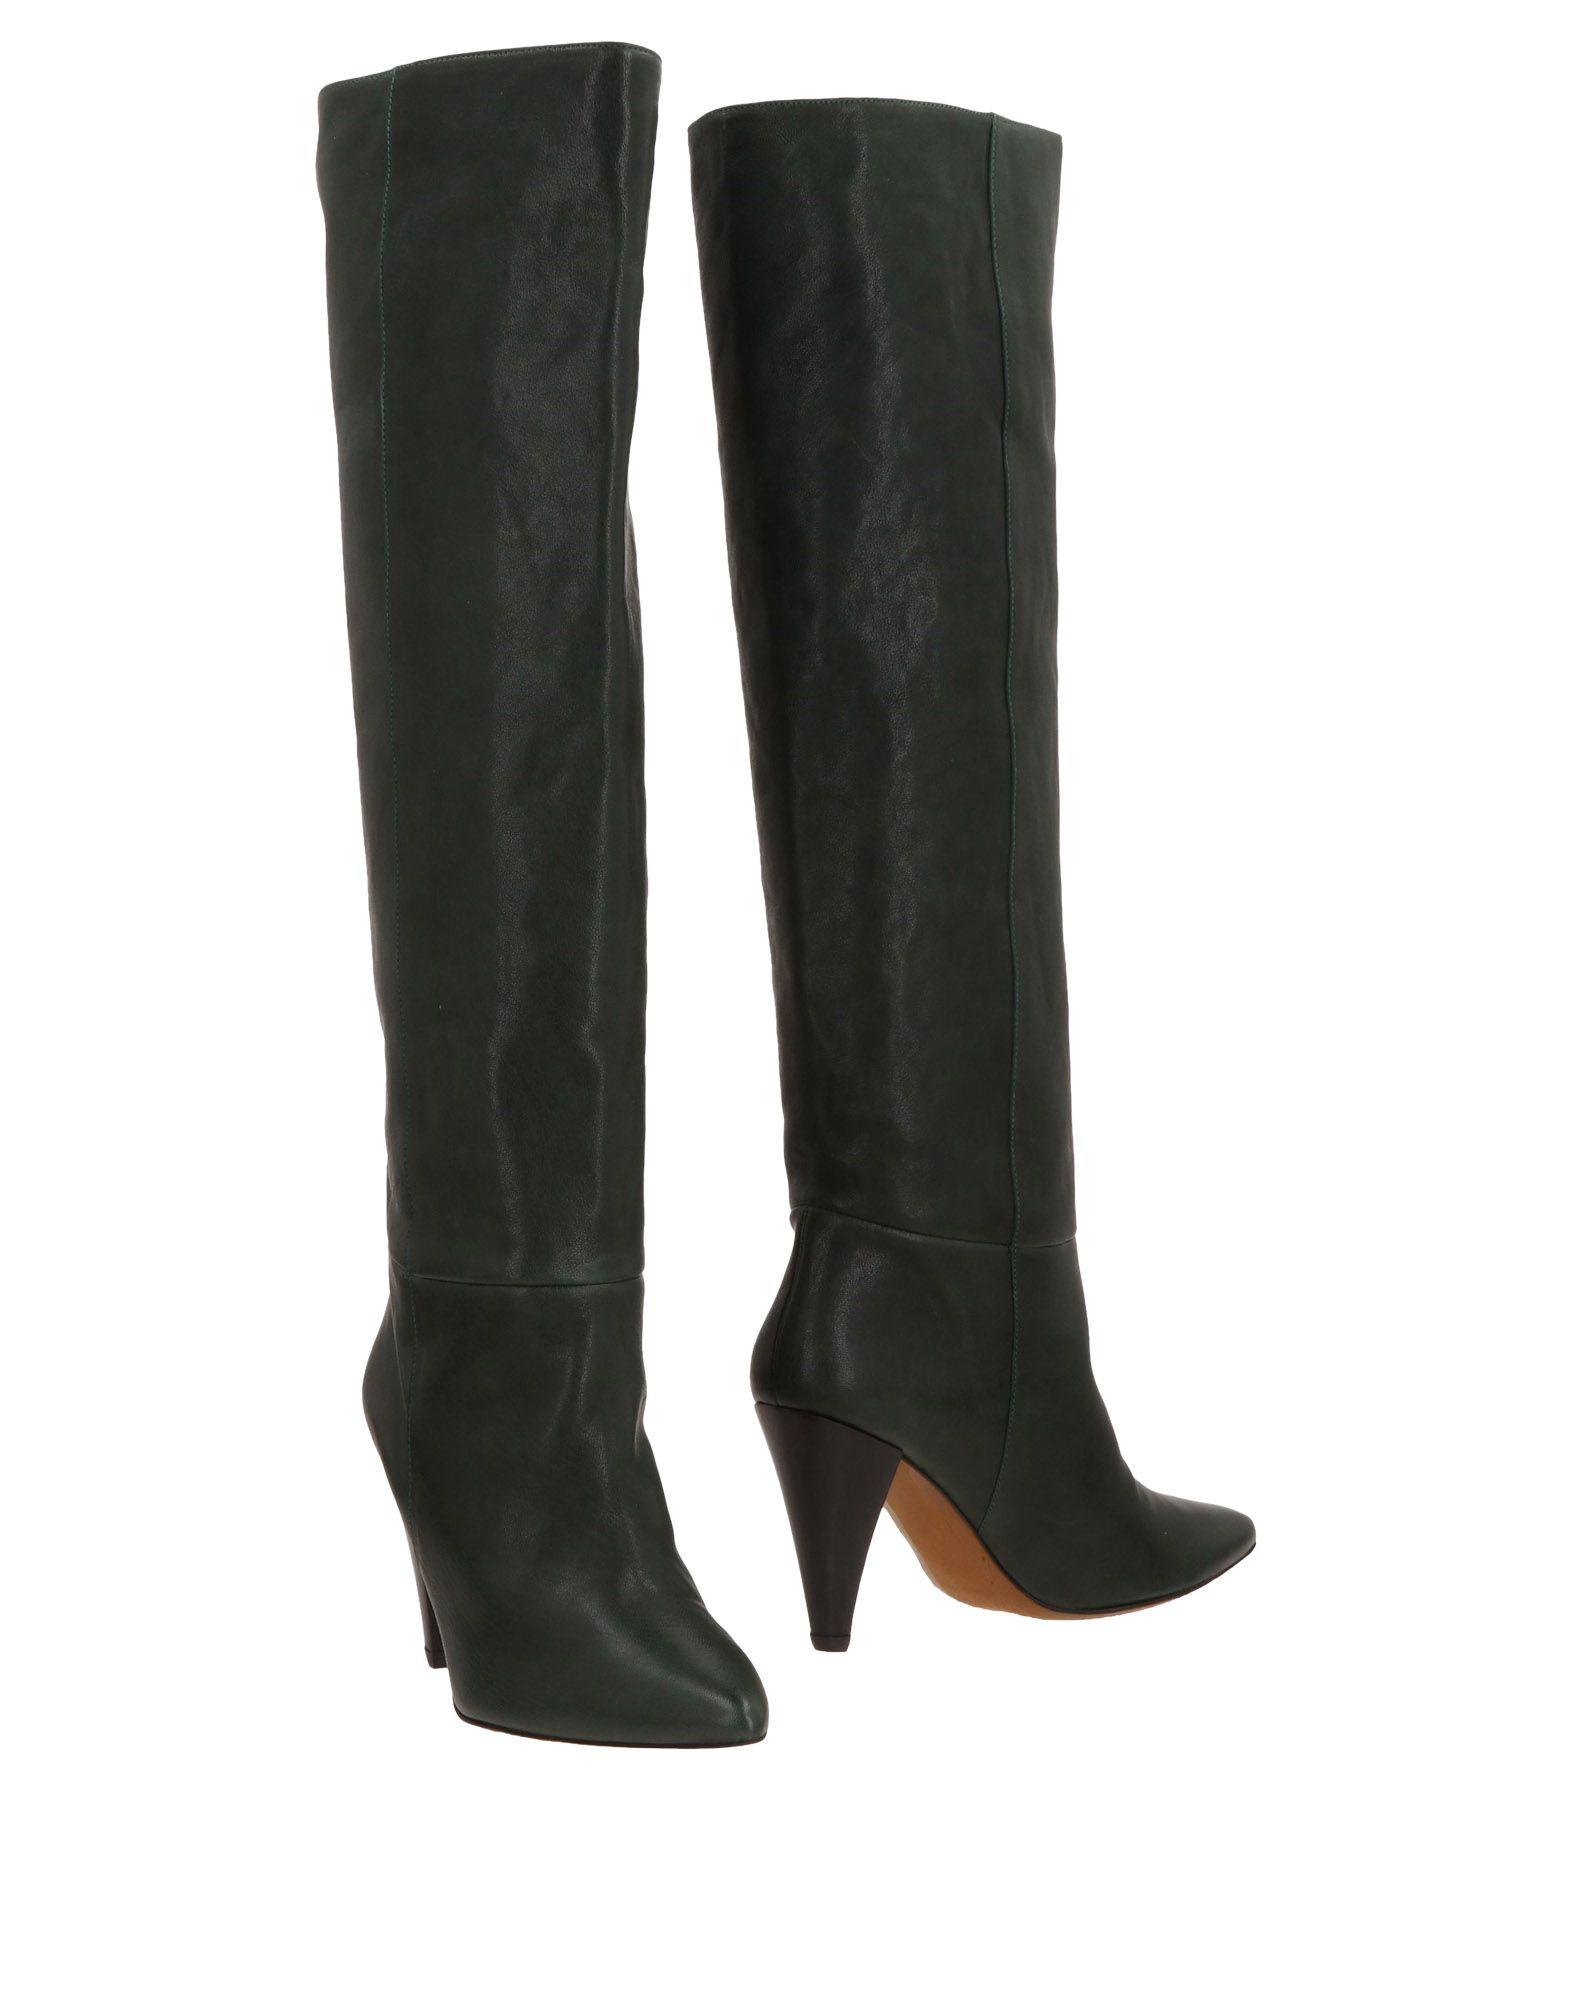 Billig-4210,Intropia Gutes Stiefel Damen Gutes Billig-4210,Intropia Preis-Leistungs-Verhältnis, es lohnt sich 1d2d79